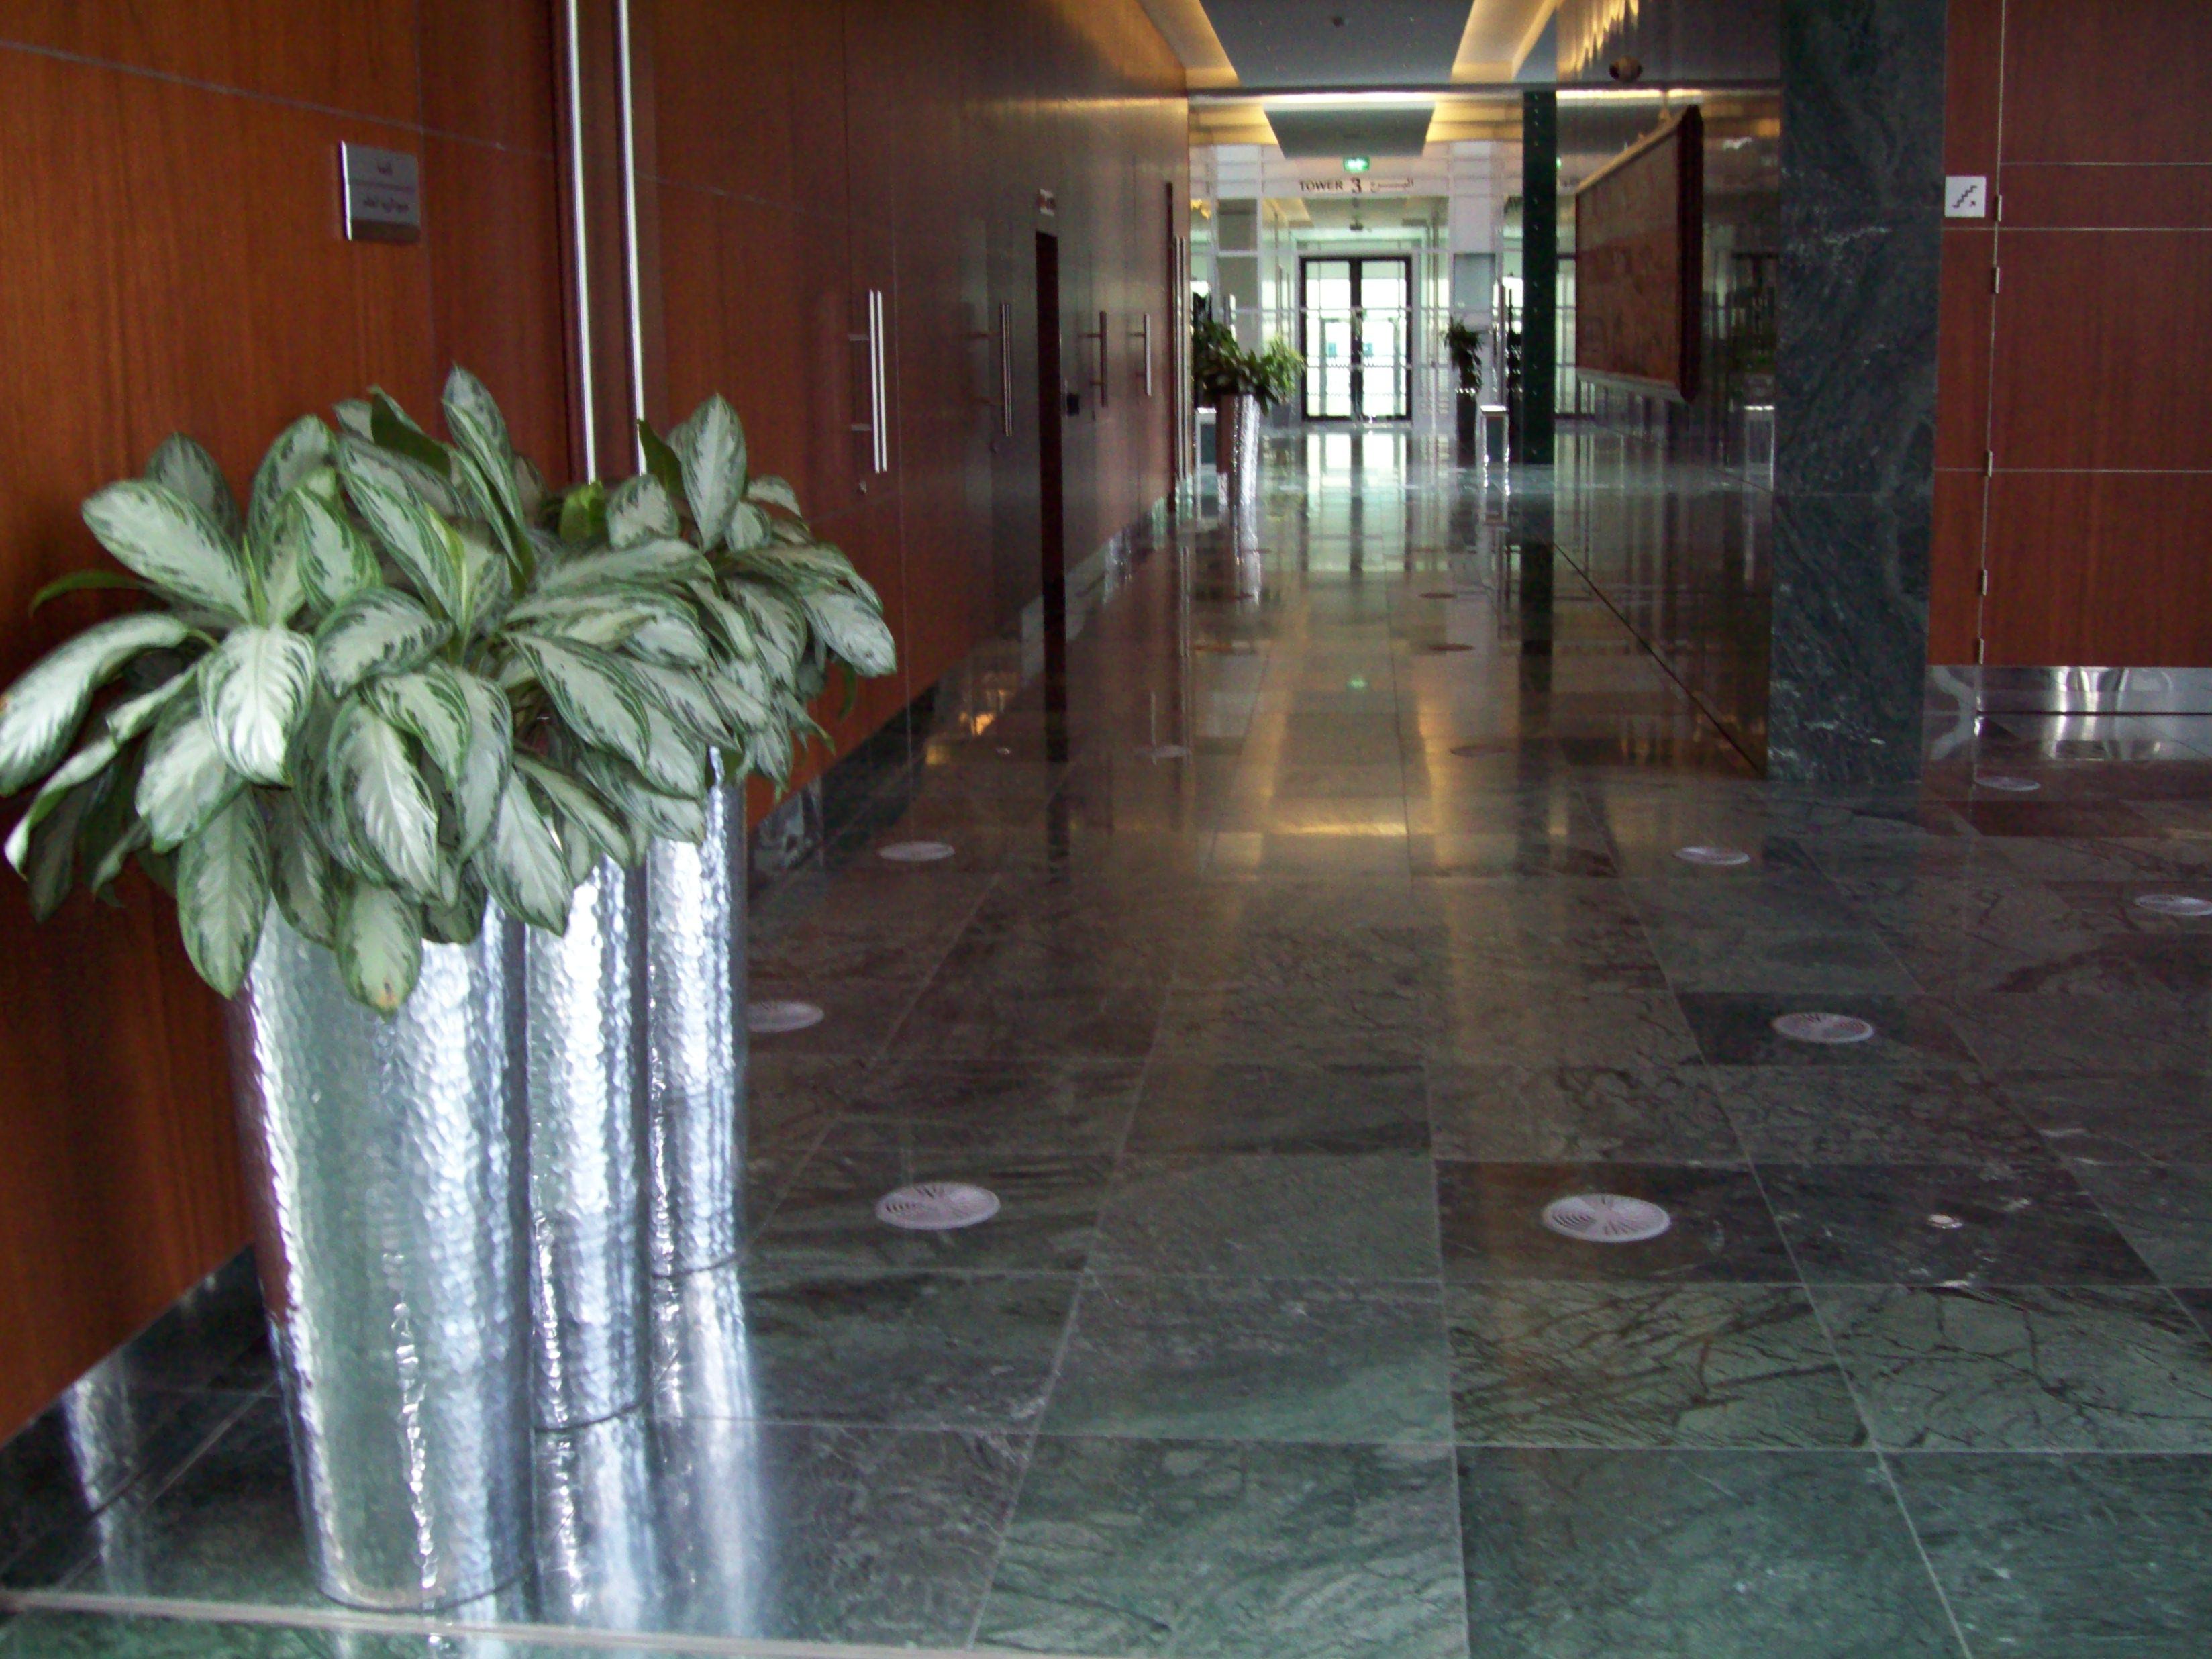 SAB MARMO 008 State Audit Bureau